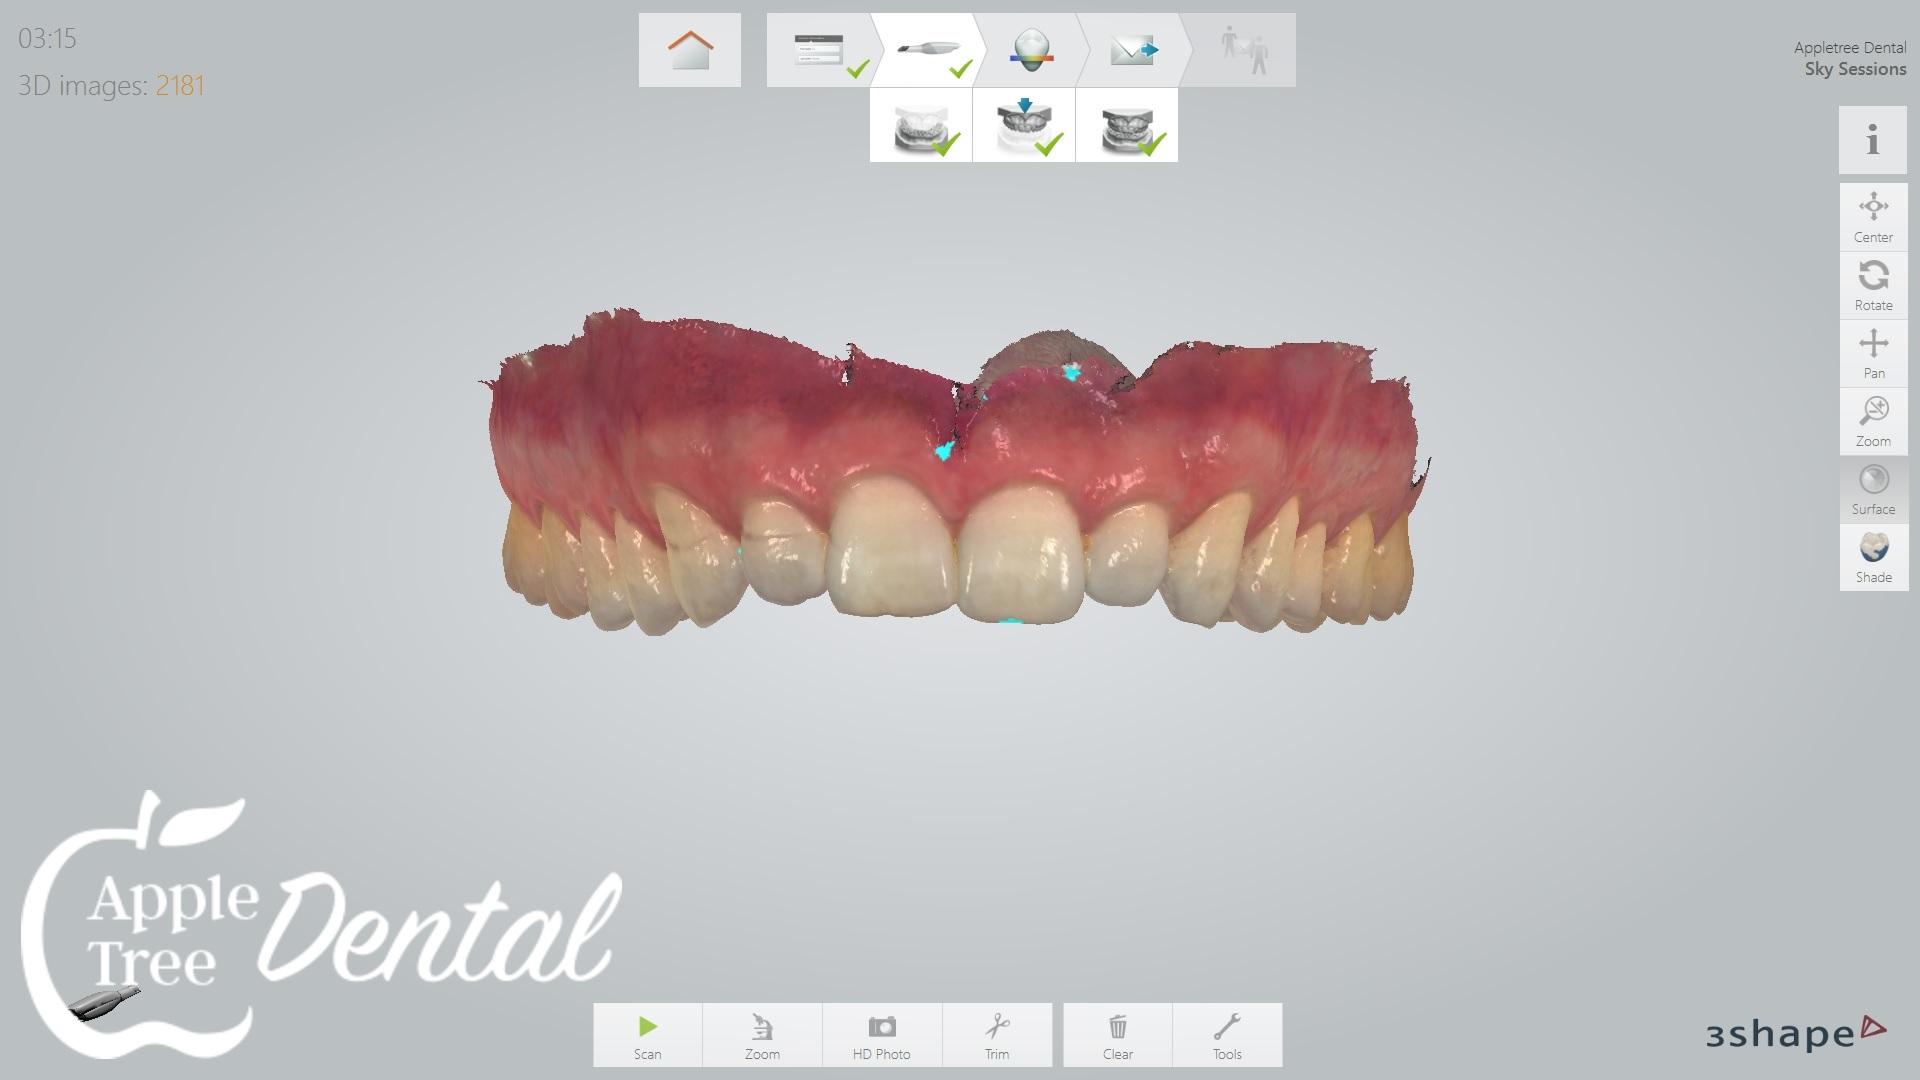 3D Scan of teeth